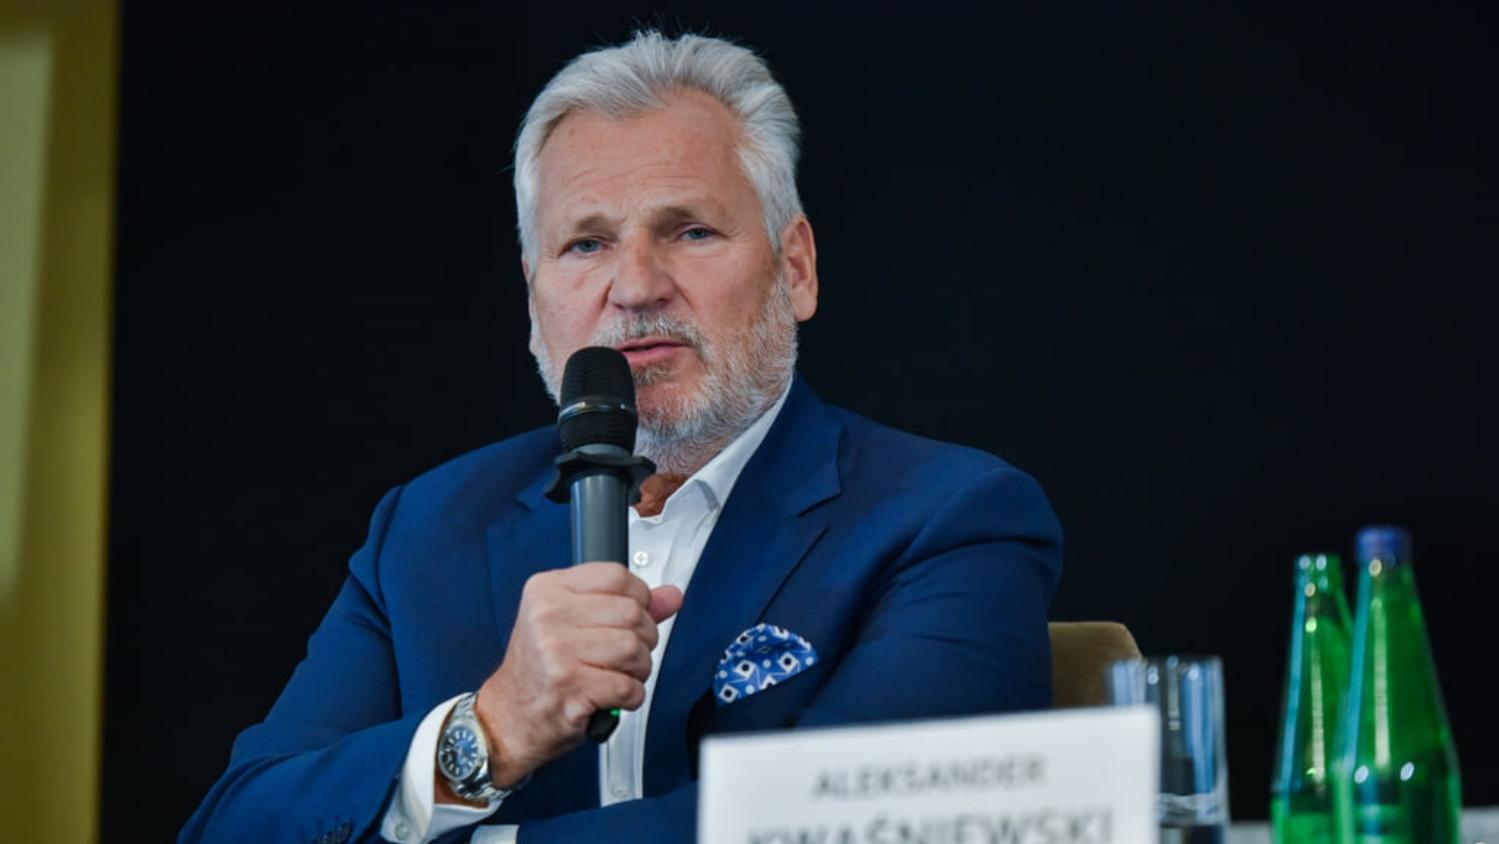 Kwaśniewski: Chciałbym dodać siły i wiary Nowej Lewicy, na kongresie będę jako weteran